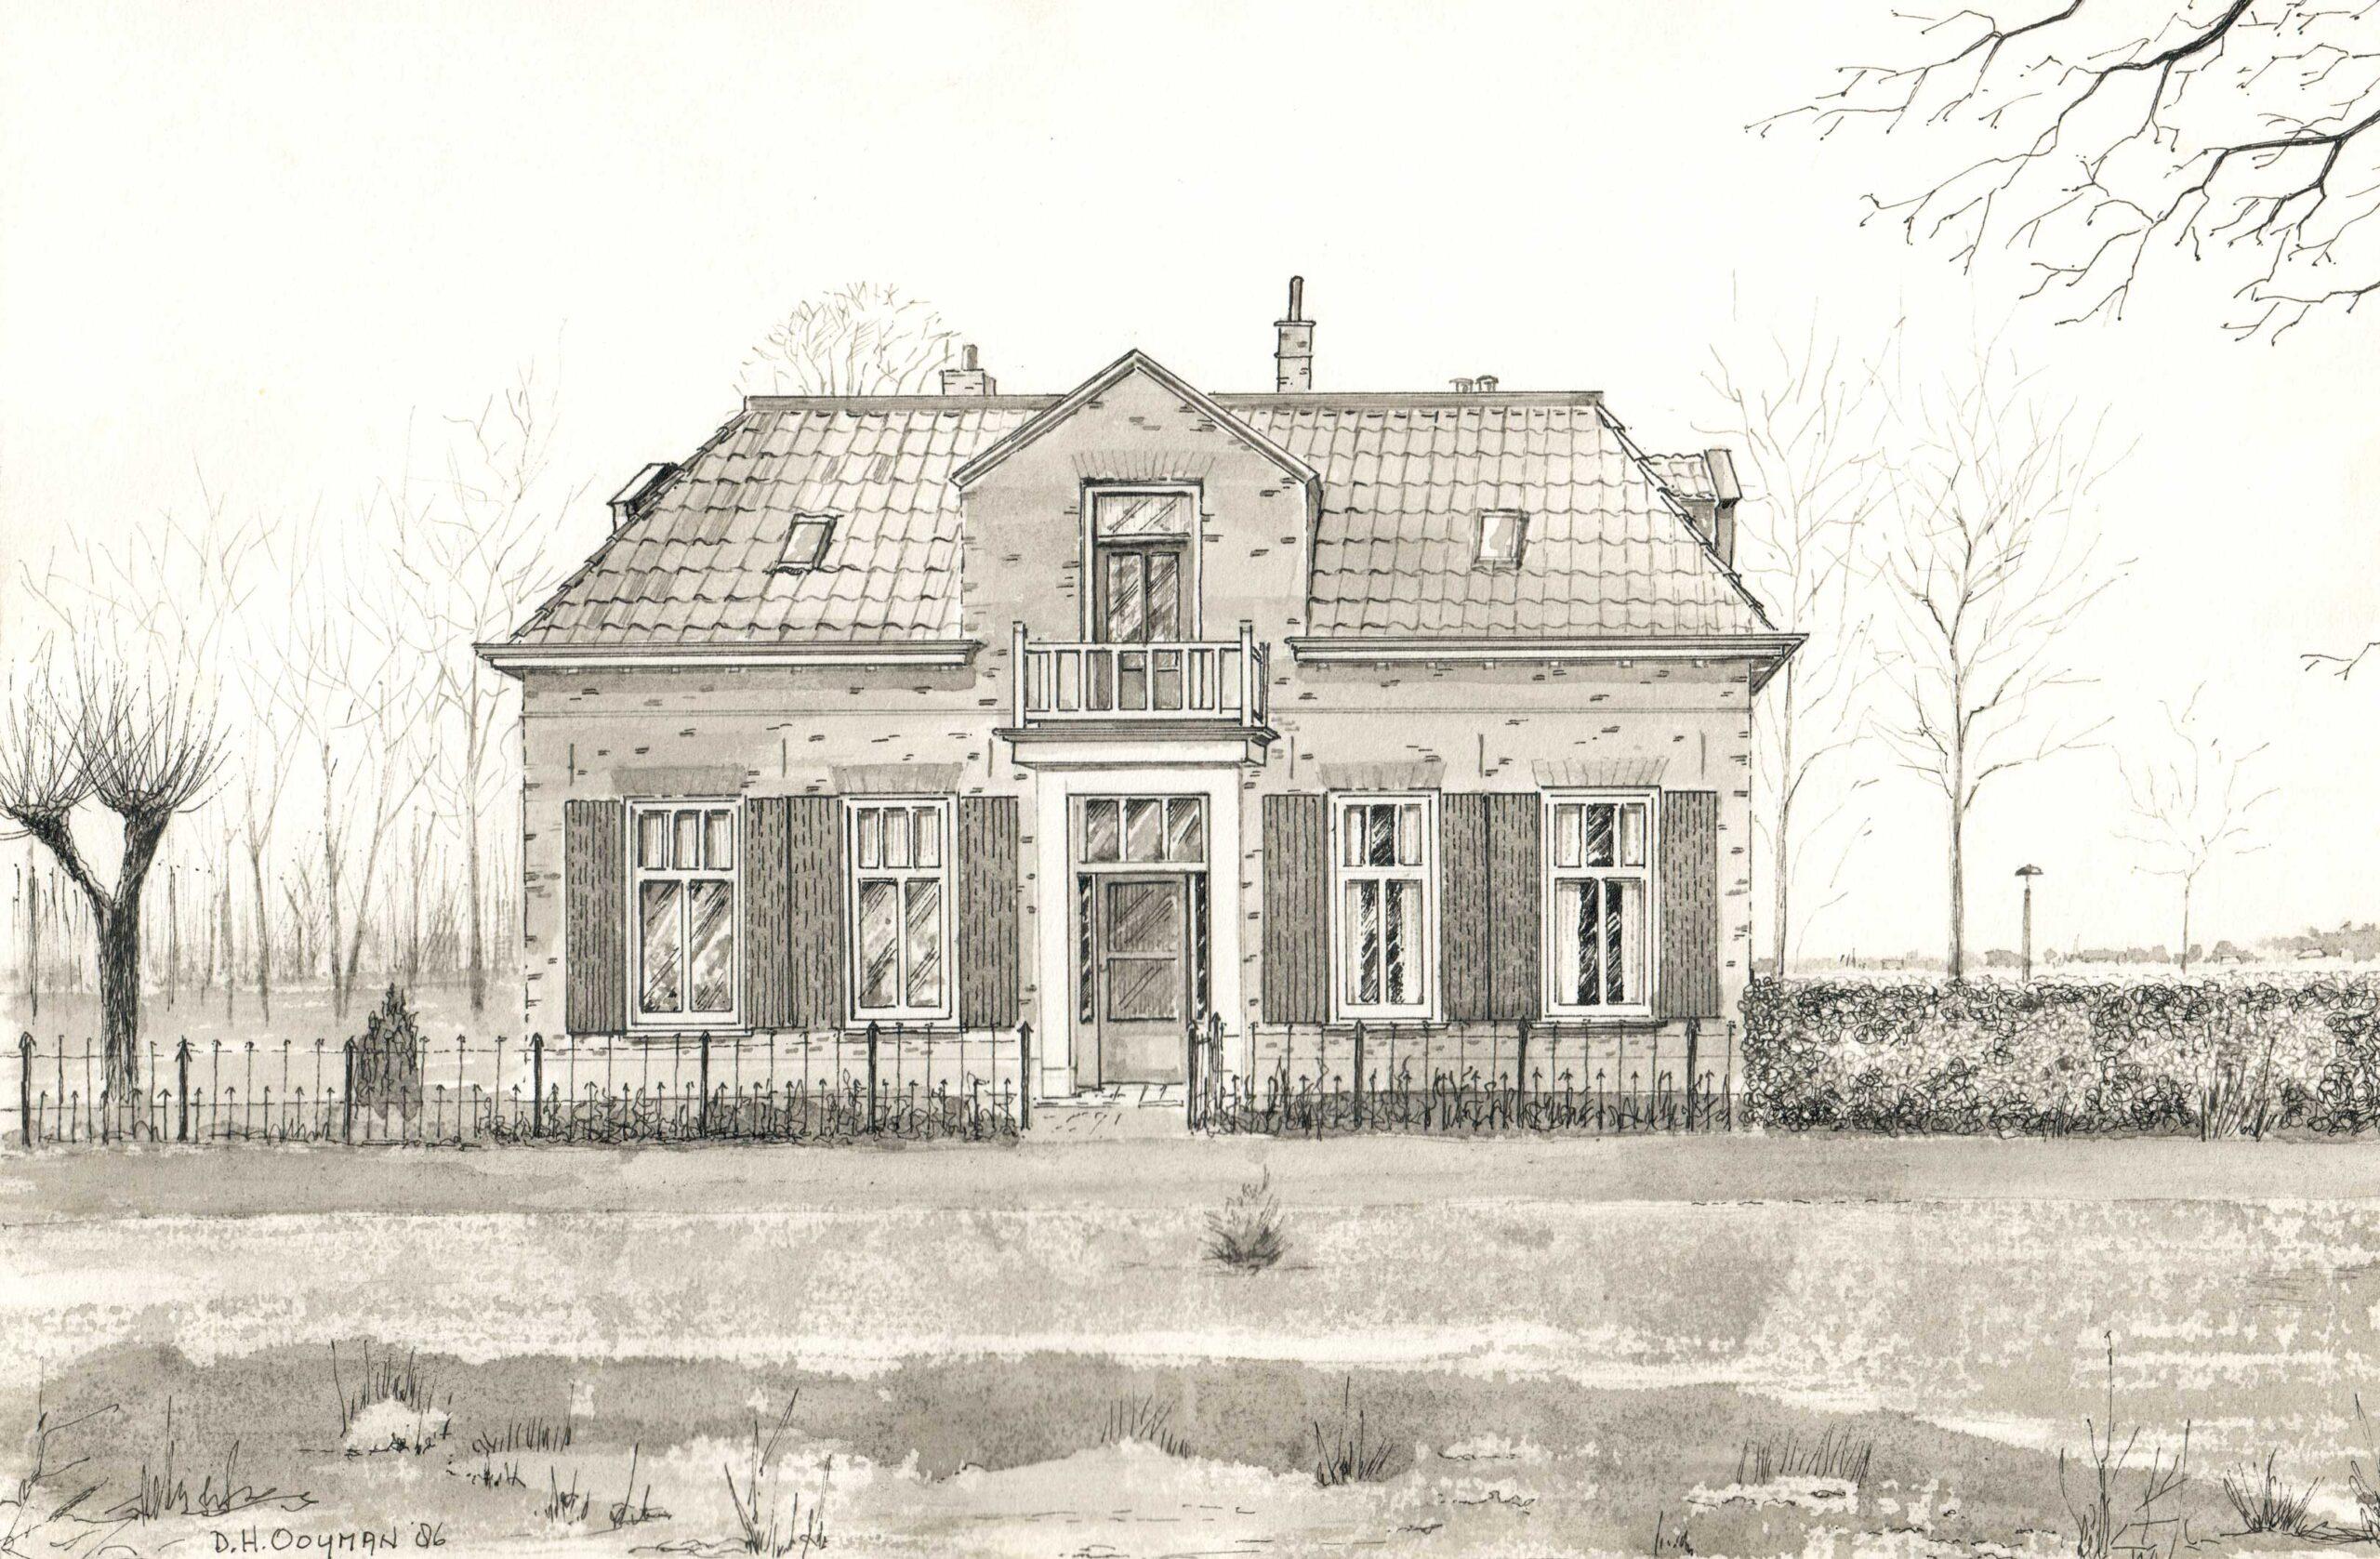 Drempt Kerkstraat 3 Pastorie